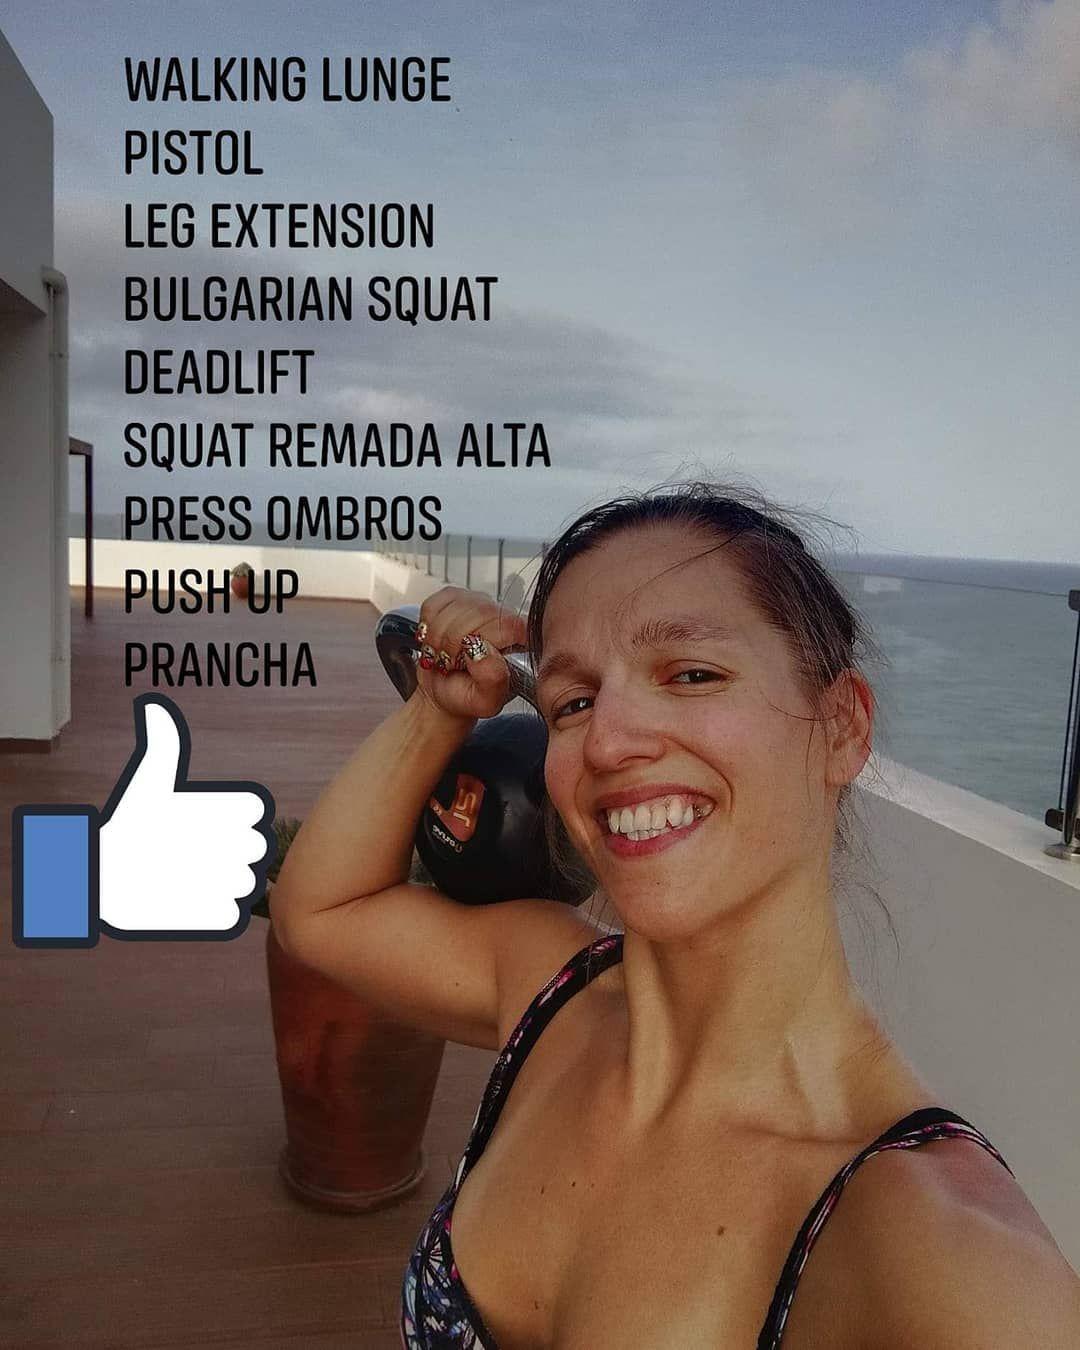 Quando és viciada 😝 #semdesculpas  #fitness #fitnessgirl  #teamvanessa